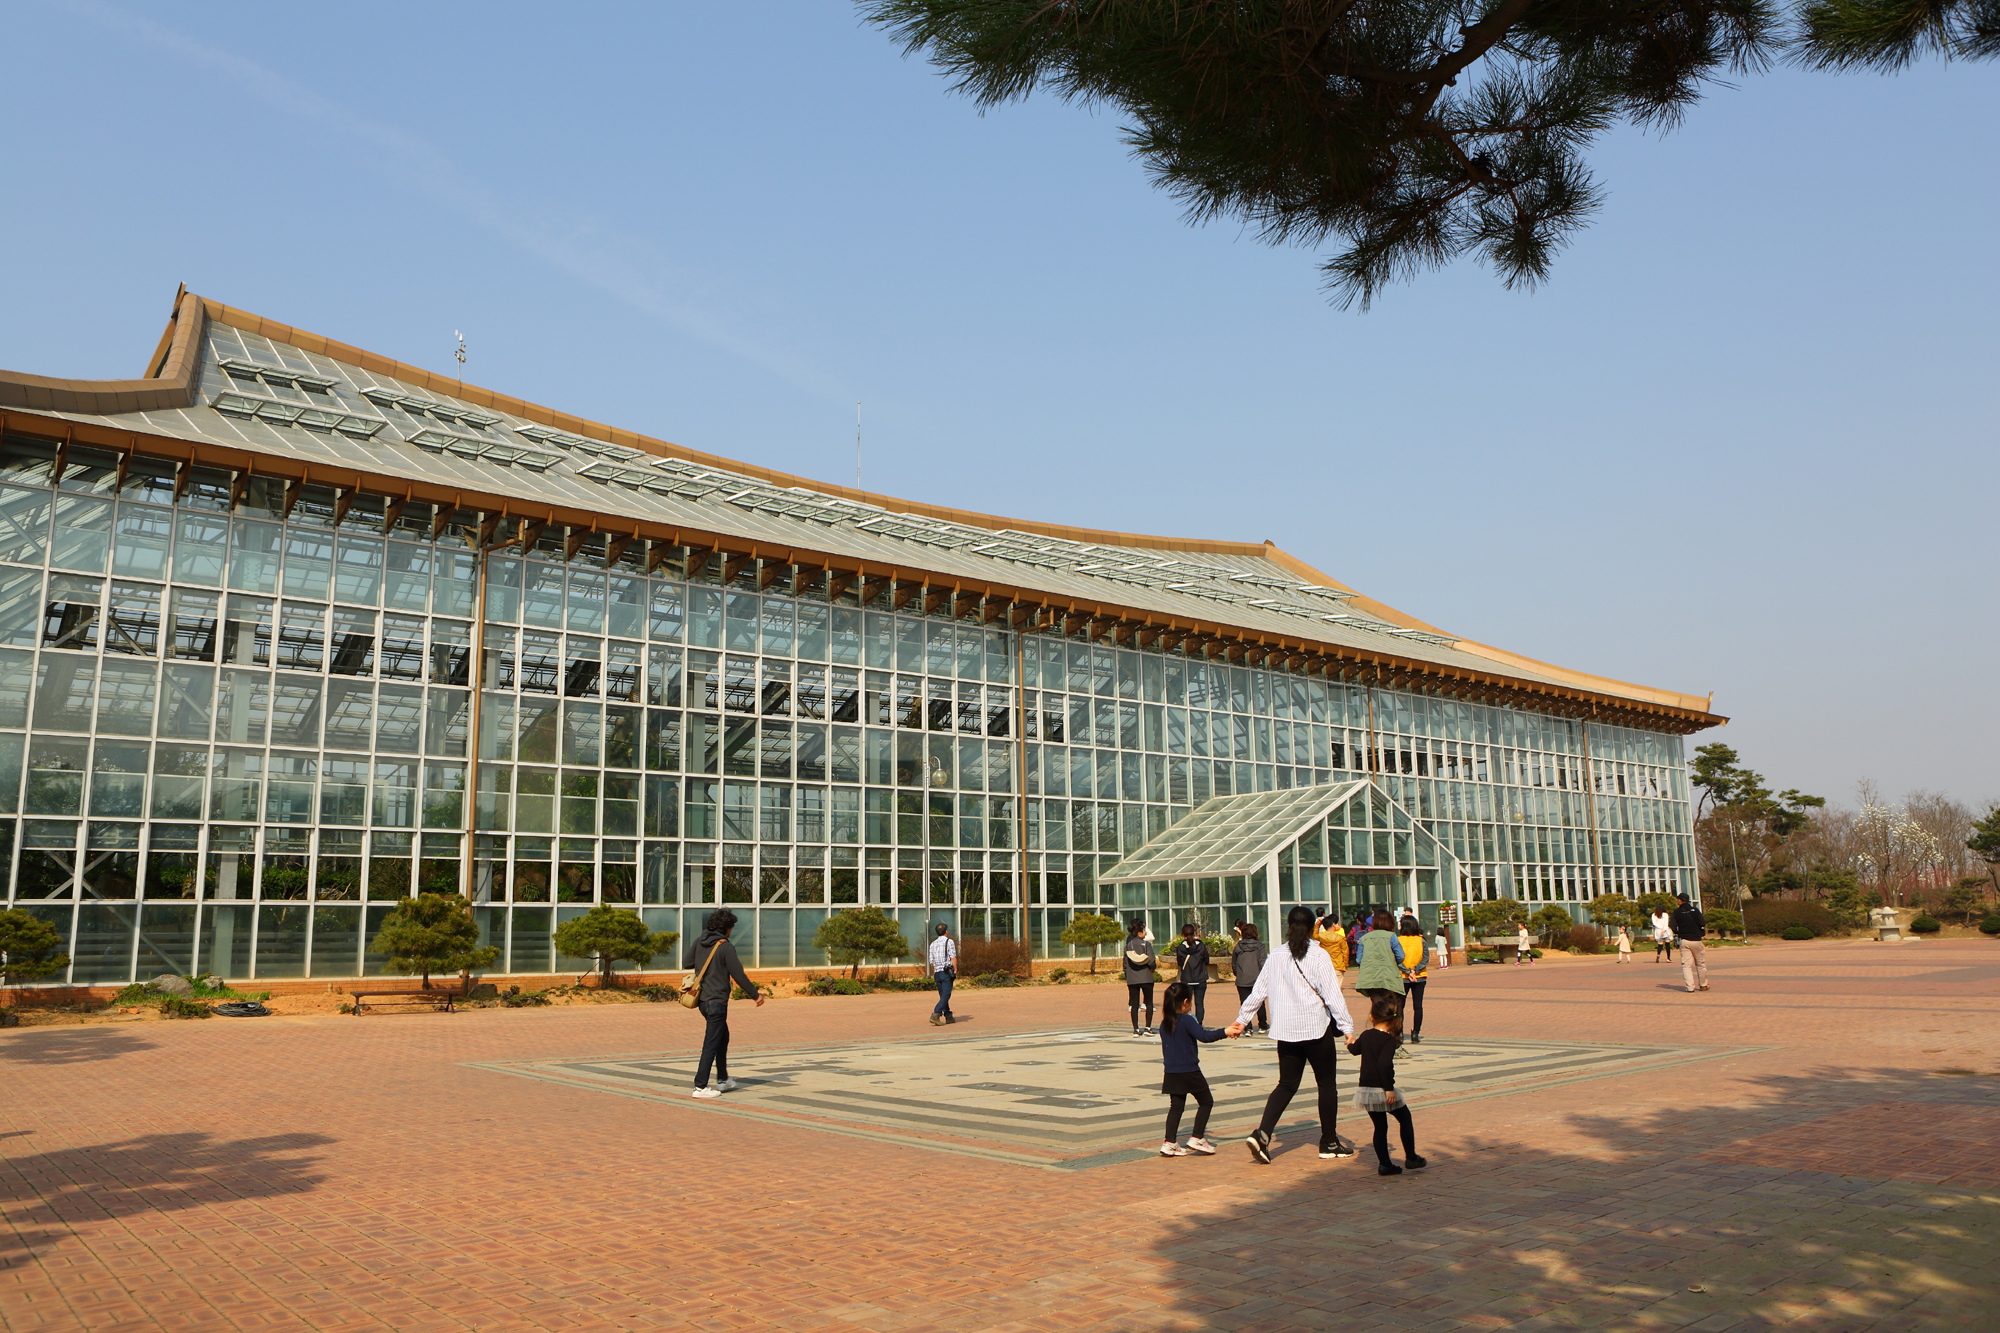 華城(ファソン)市ウリコッ植物園